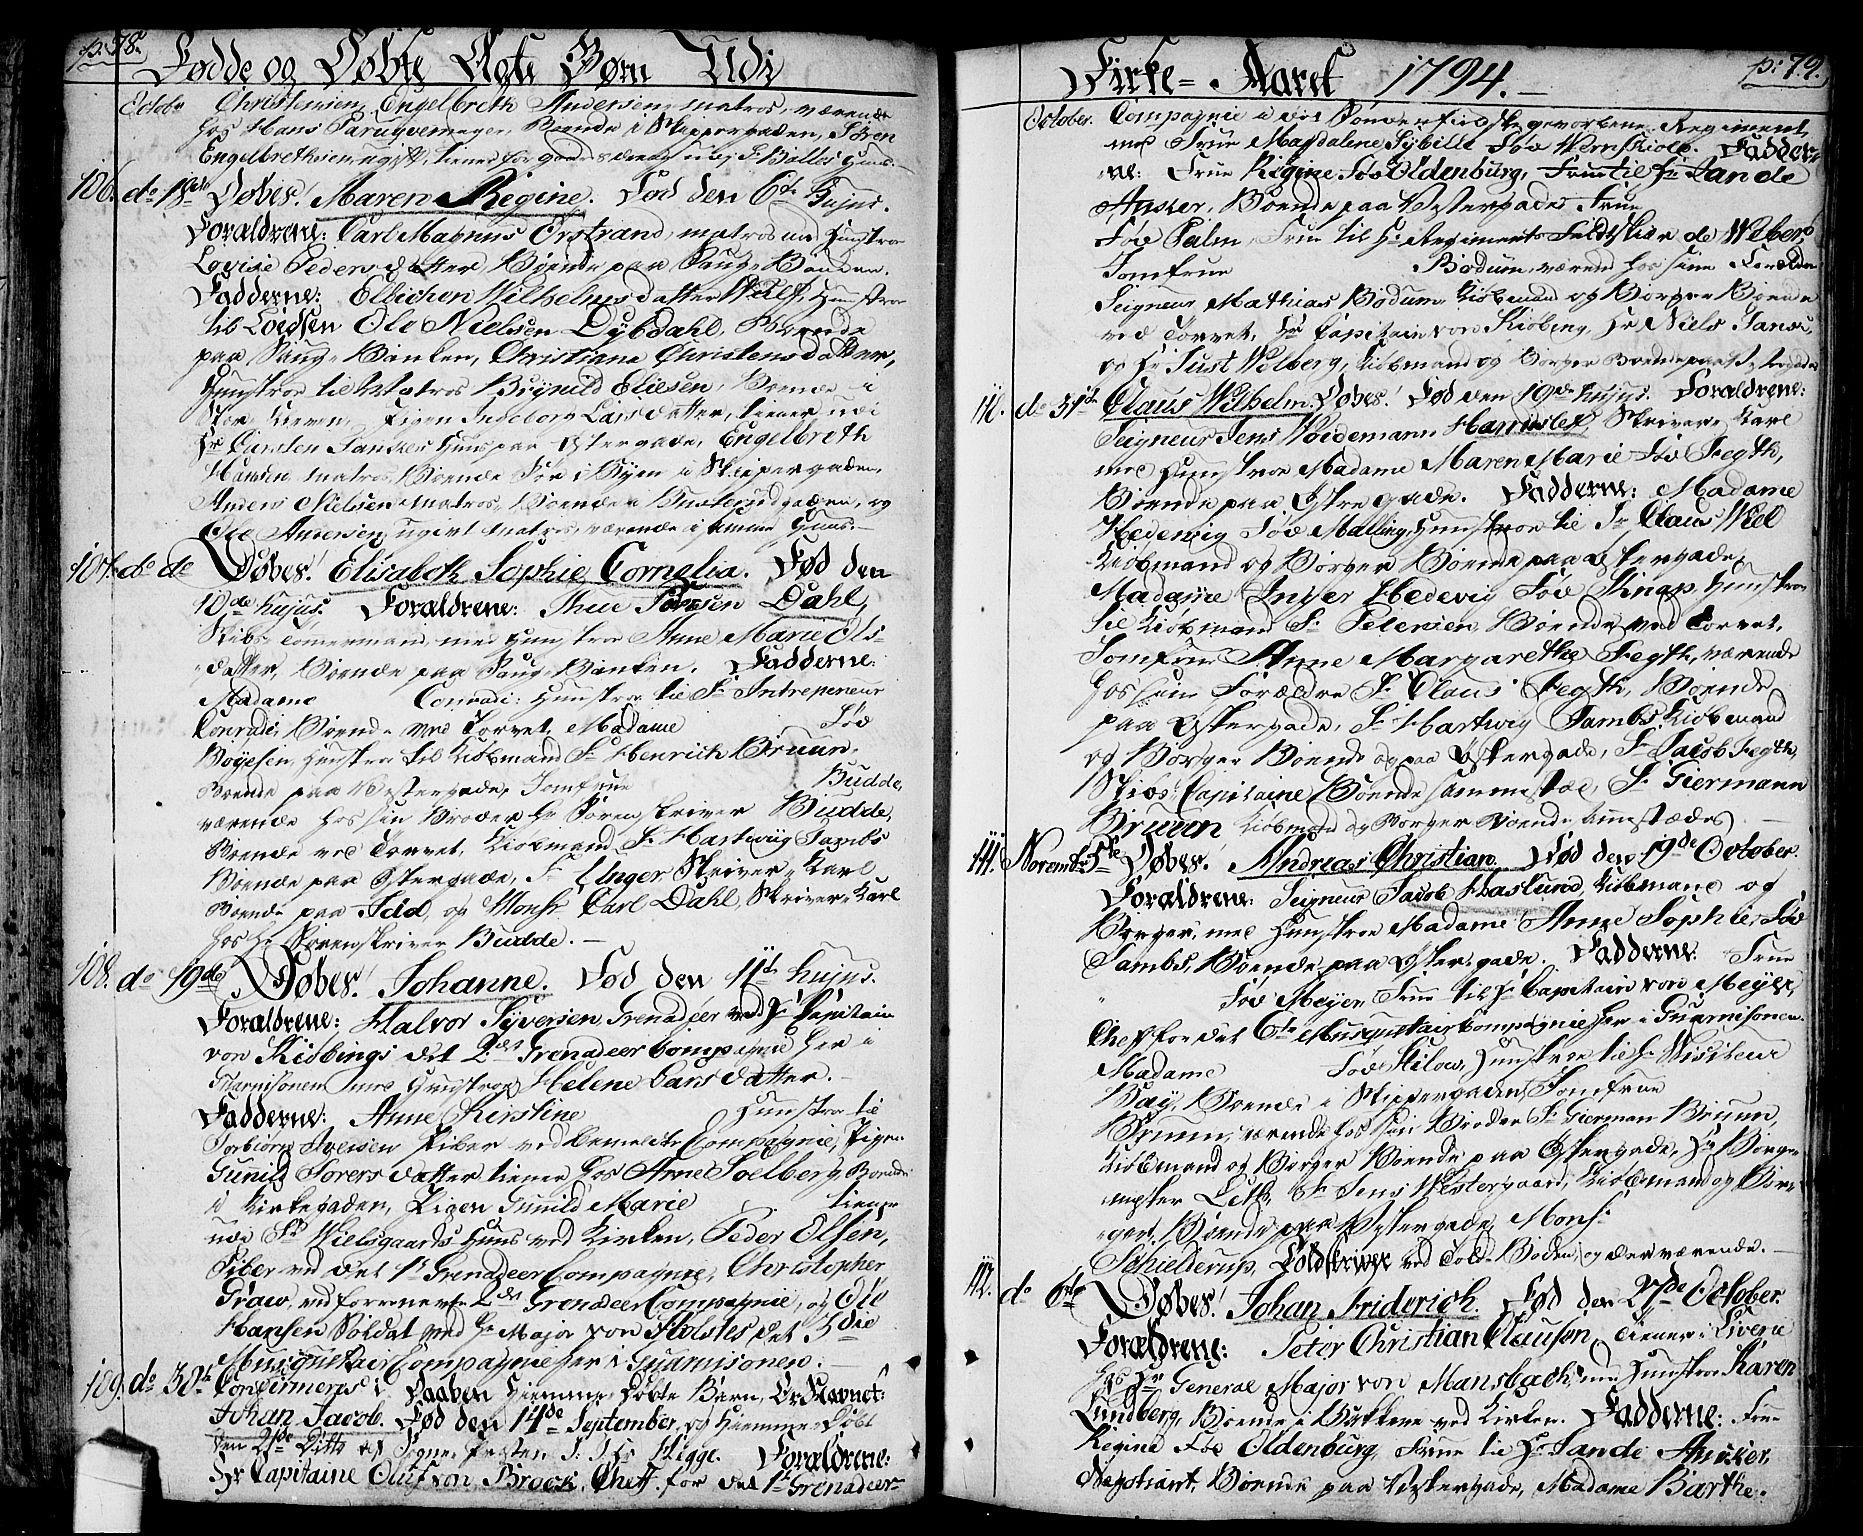 SAO, Halden prestekontor Kirkebøker, F/Fa/L0002: Ministerialbok nr. I 2, 1792-1812, s. 78-79